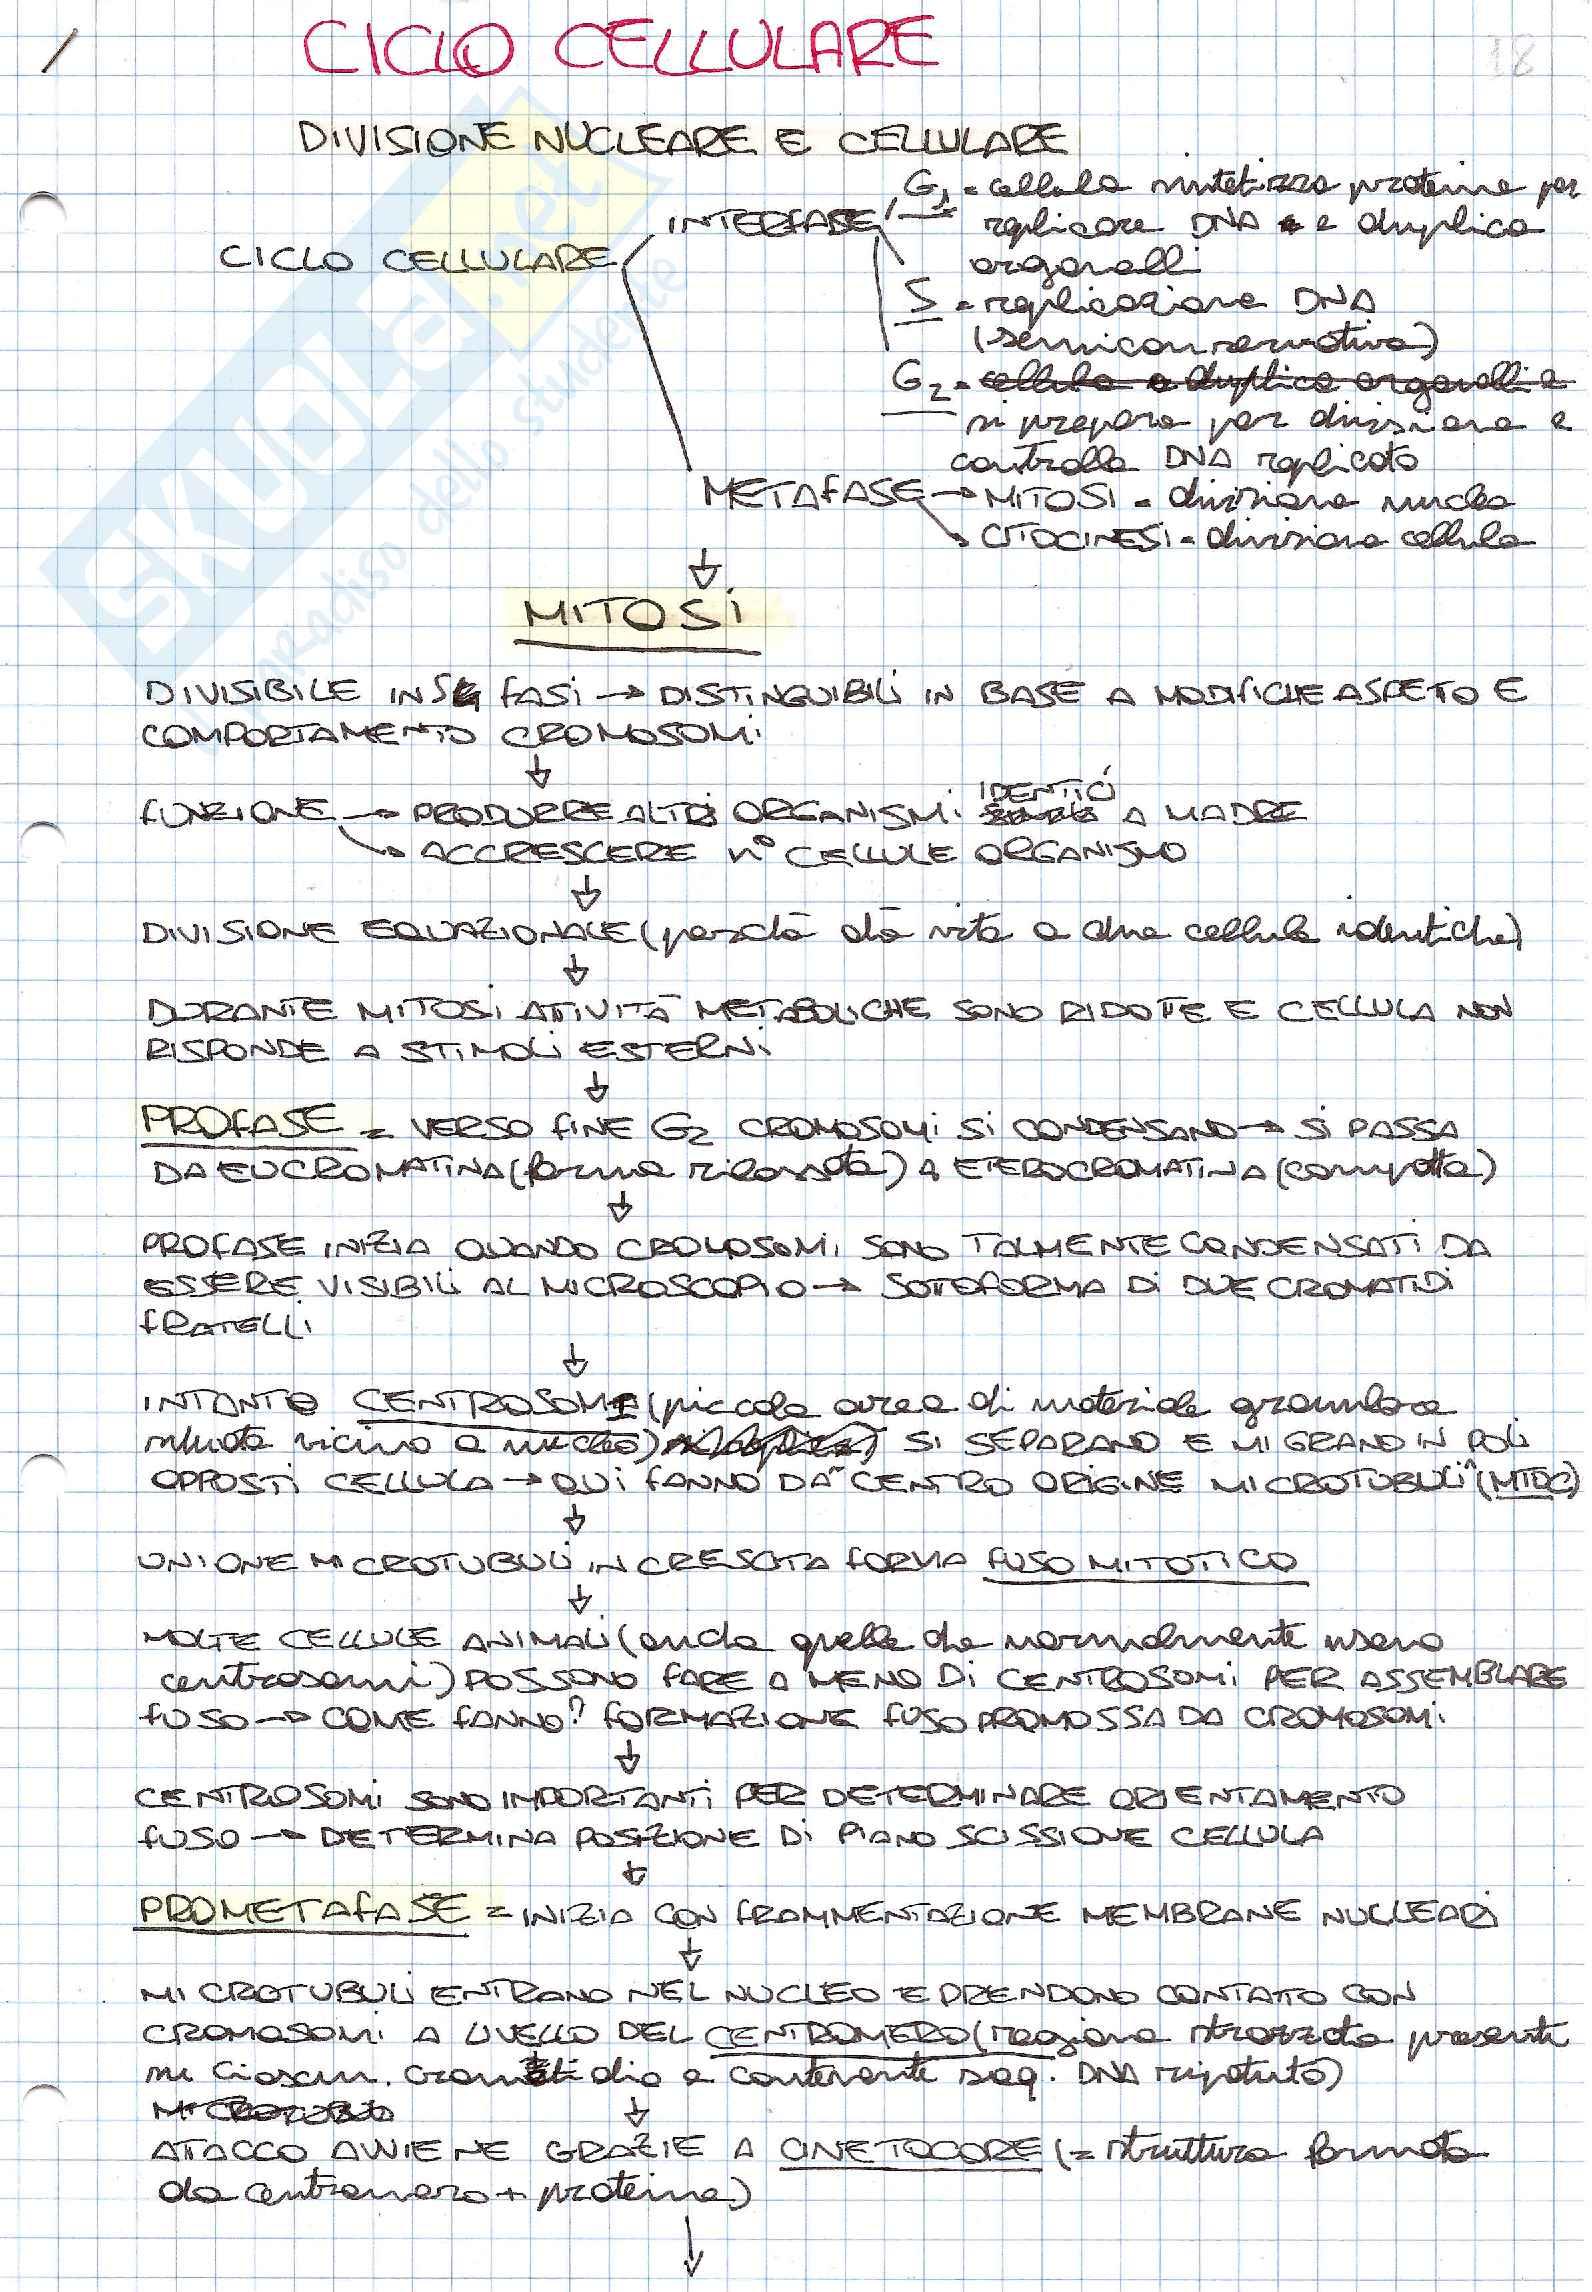 Schemi di biologia generale e cellulare per l'esame della prof. Patrizia Limonta sul ciclo cellulare e la sua regolazione